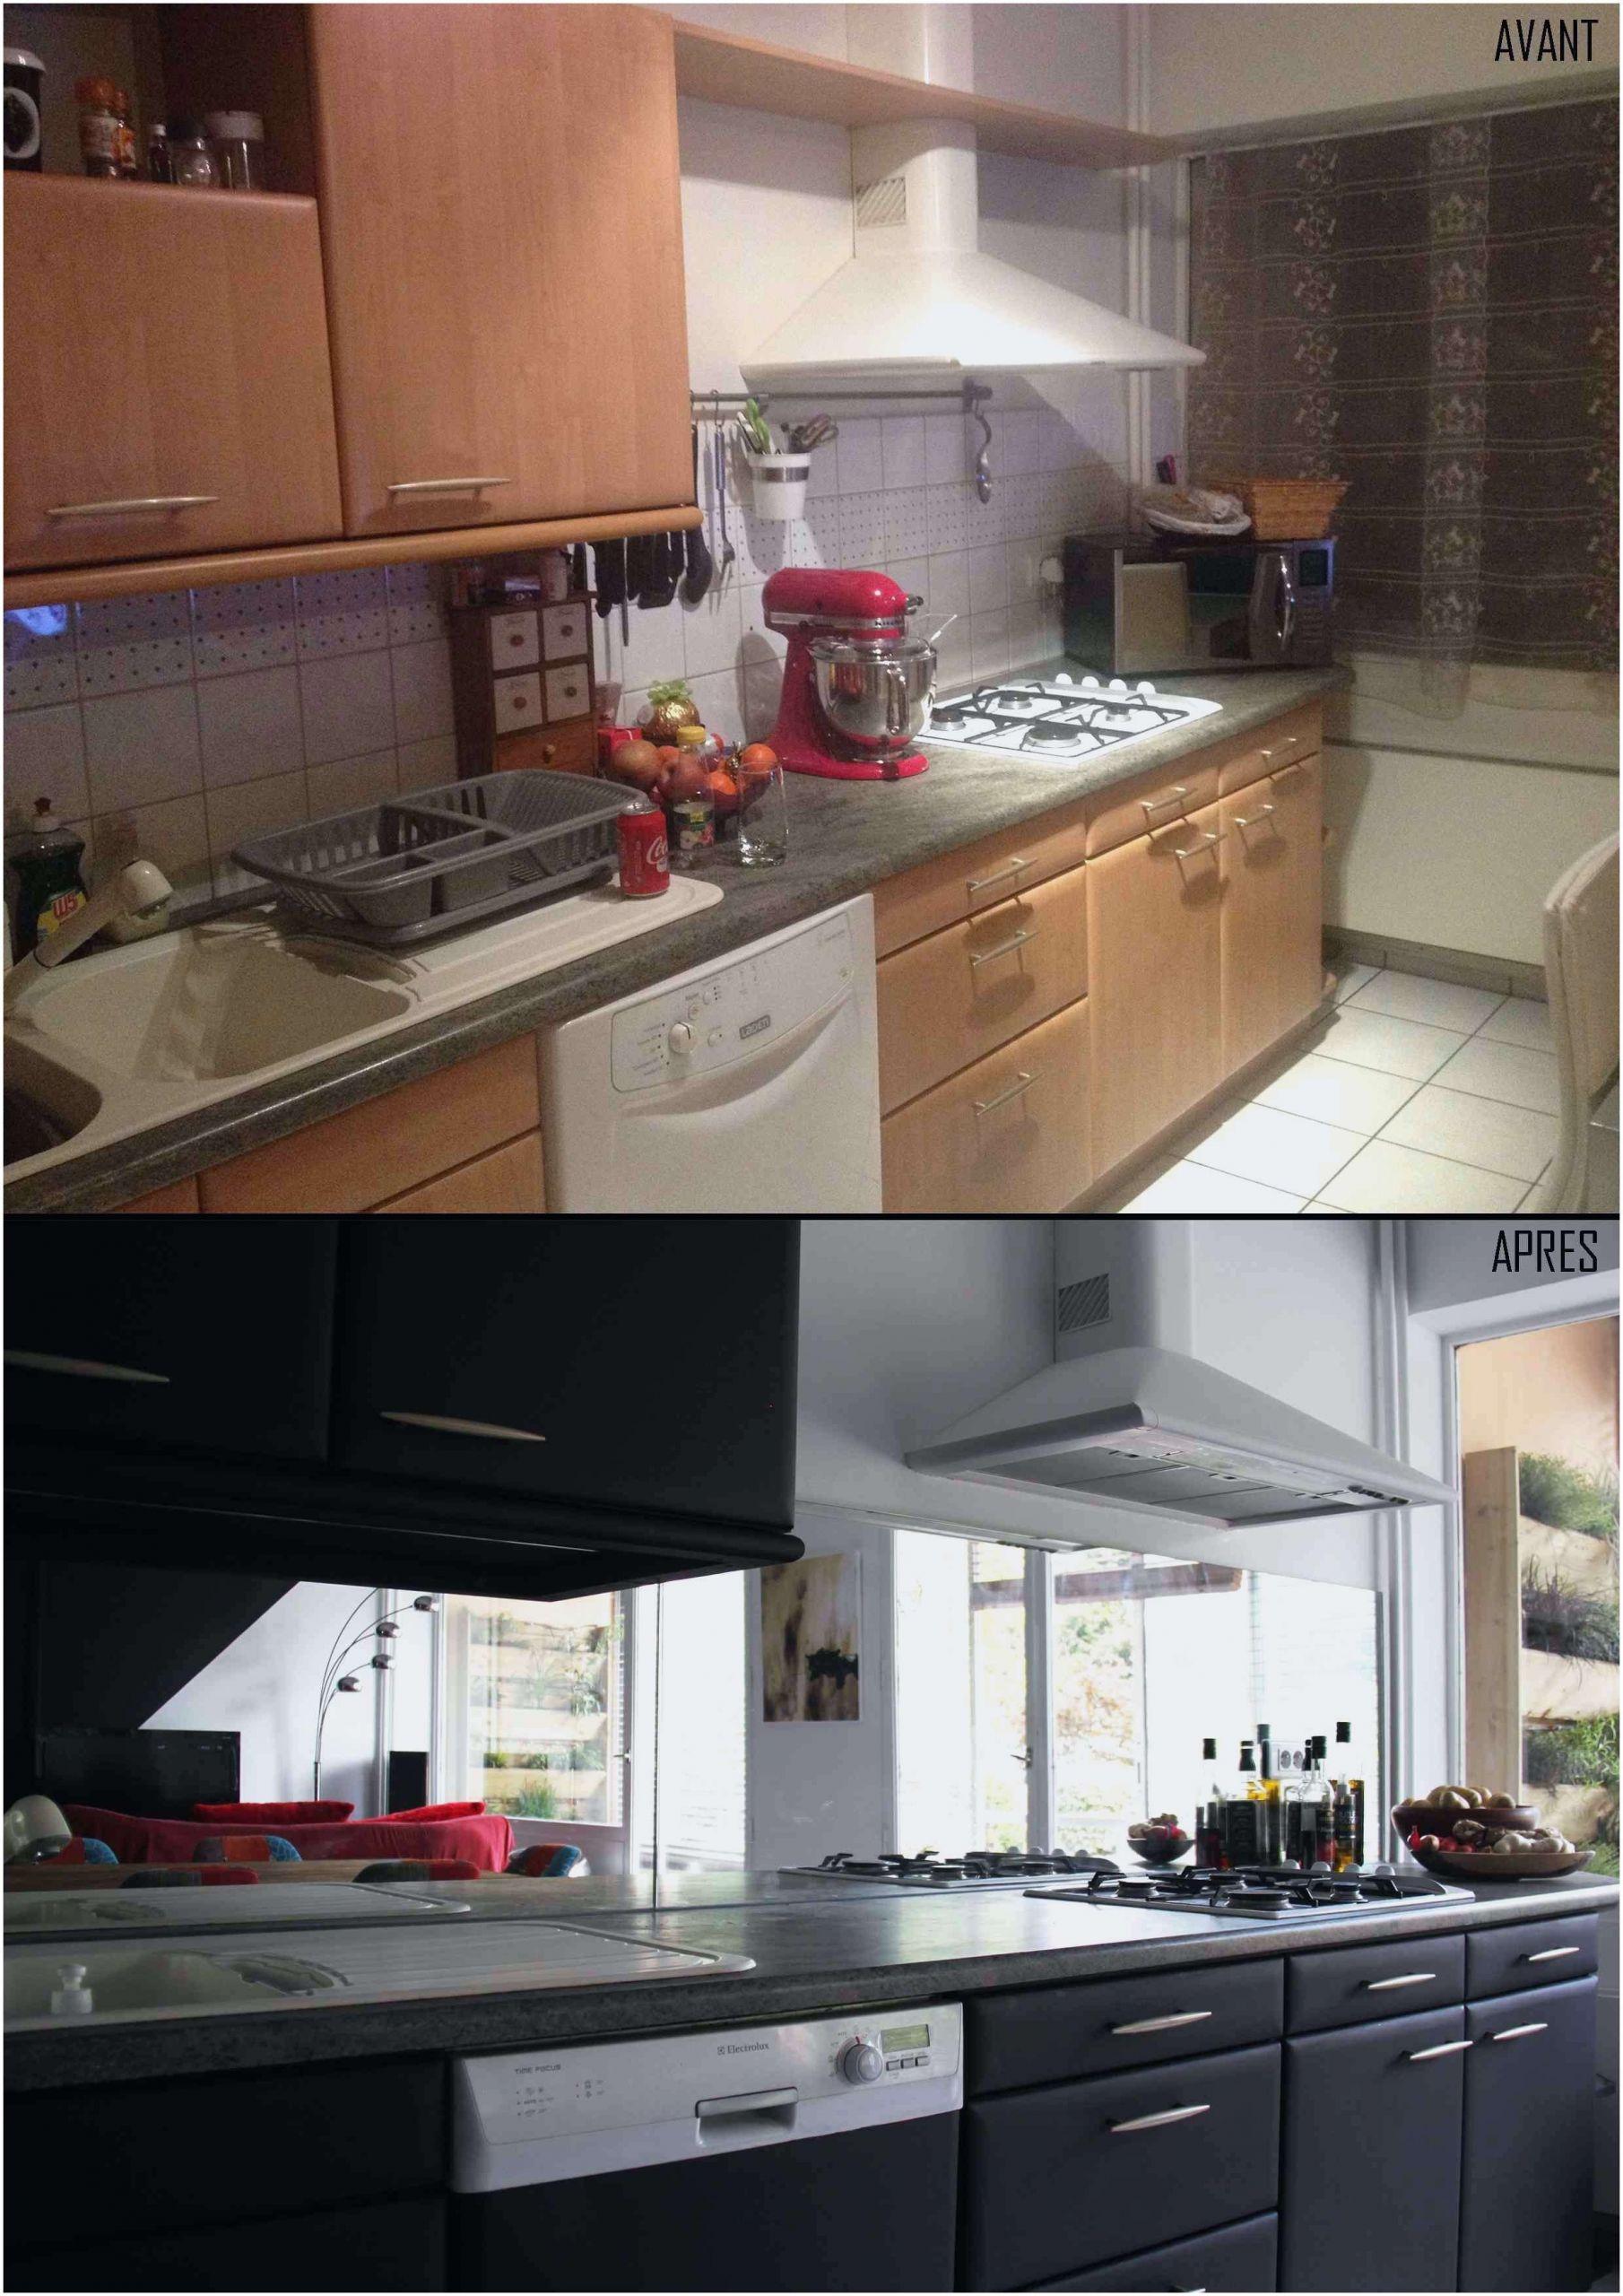 castorama meuble cuisine luxe meuble haut cuisine castorama inspirant s mobilier cuisine 0d of castorama meuble cuisine